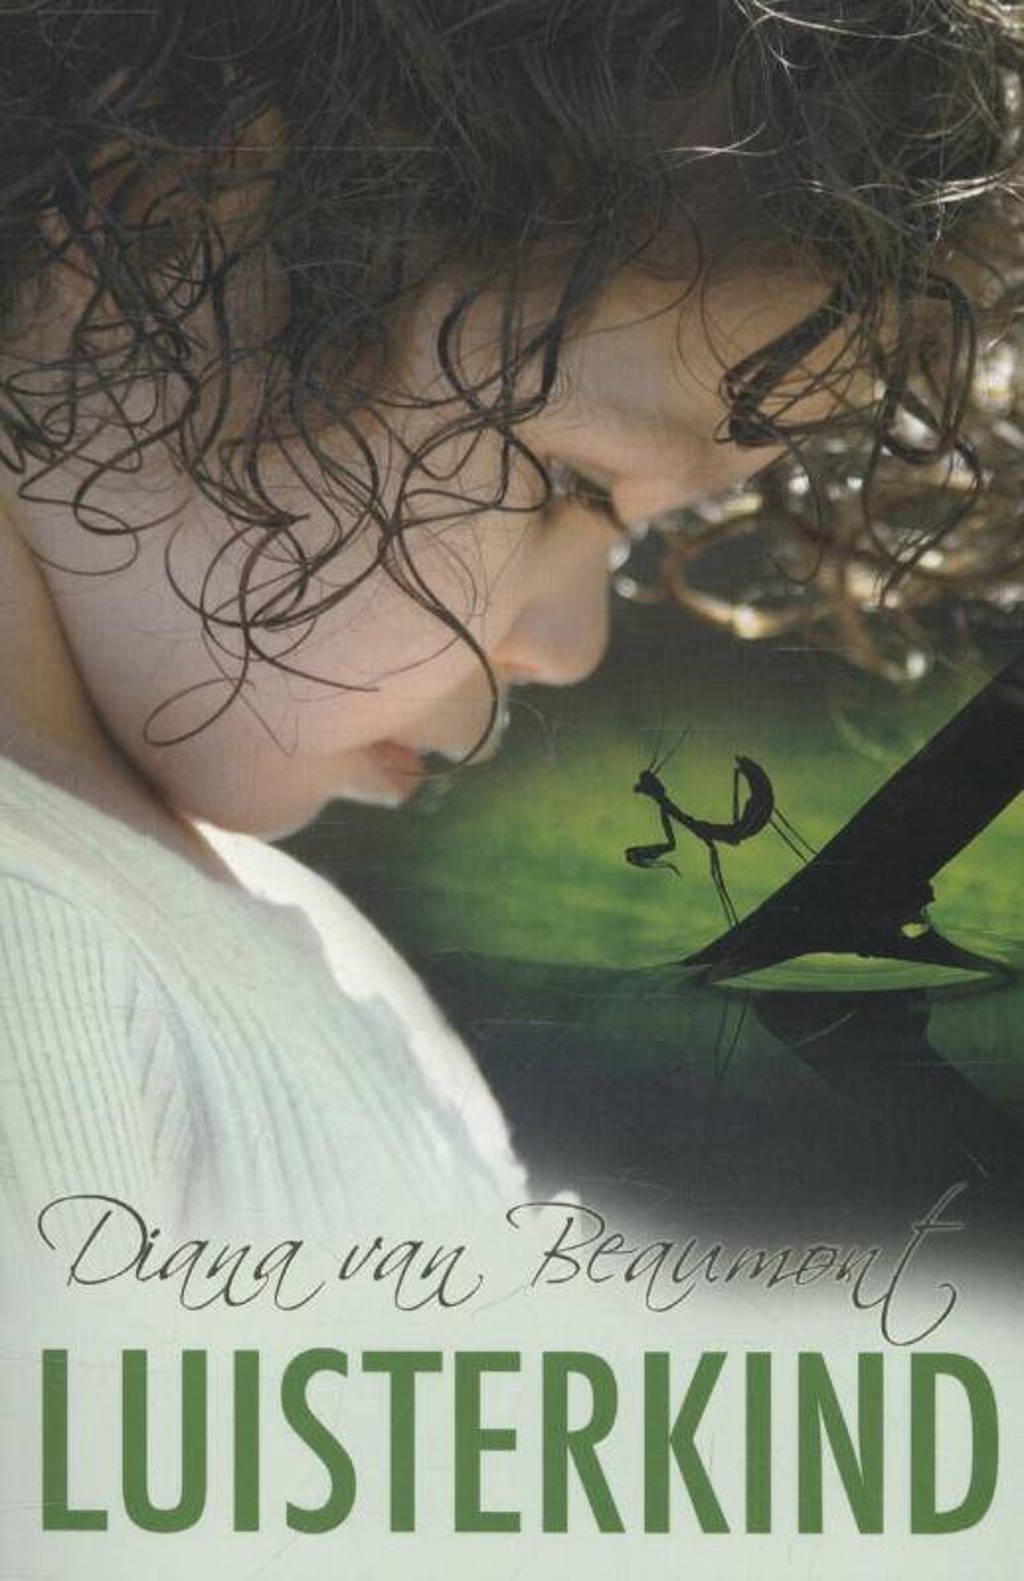 Luisterkind - Diana van Beaumont